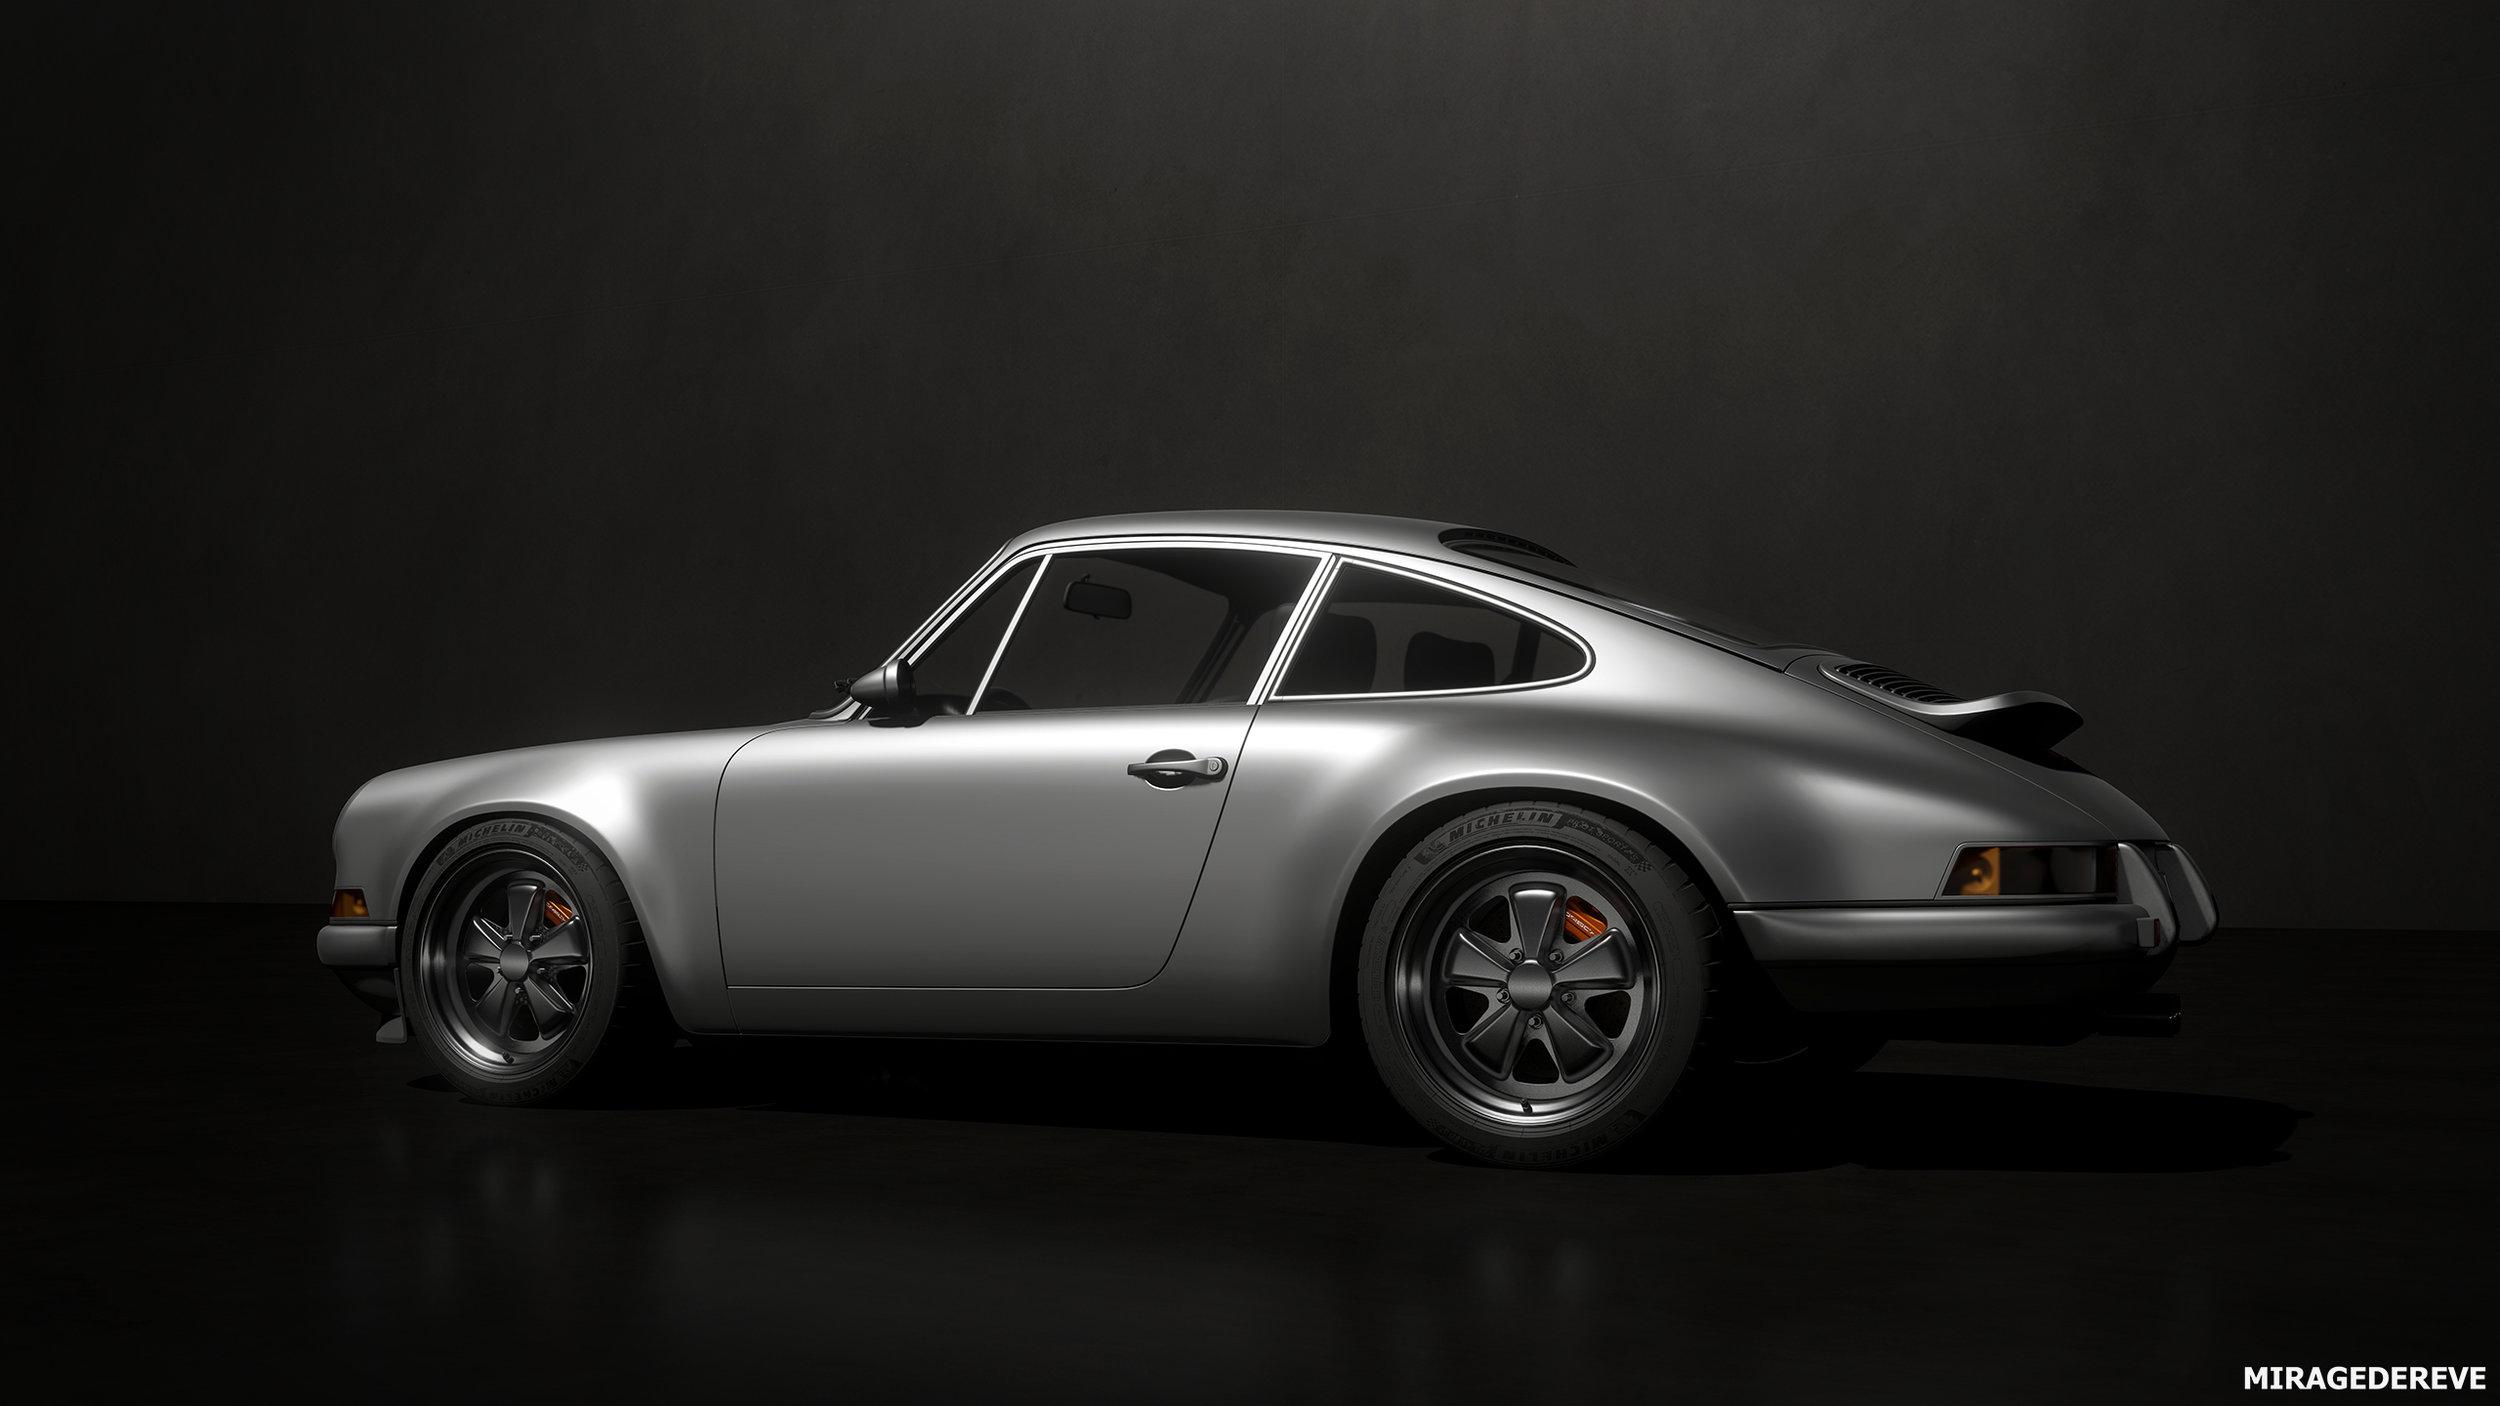 Singer Porsche_002_by Kristijan Tavcar.jpg